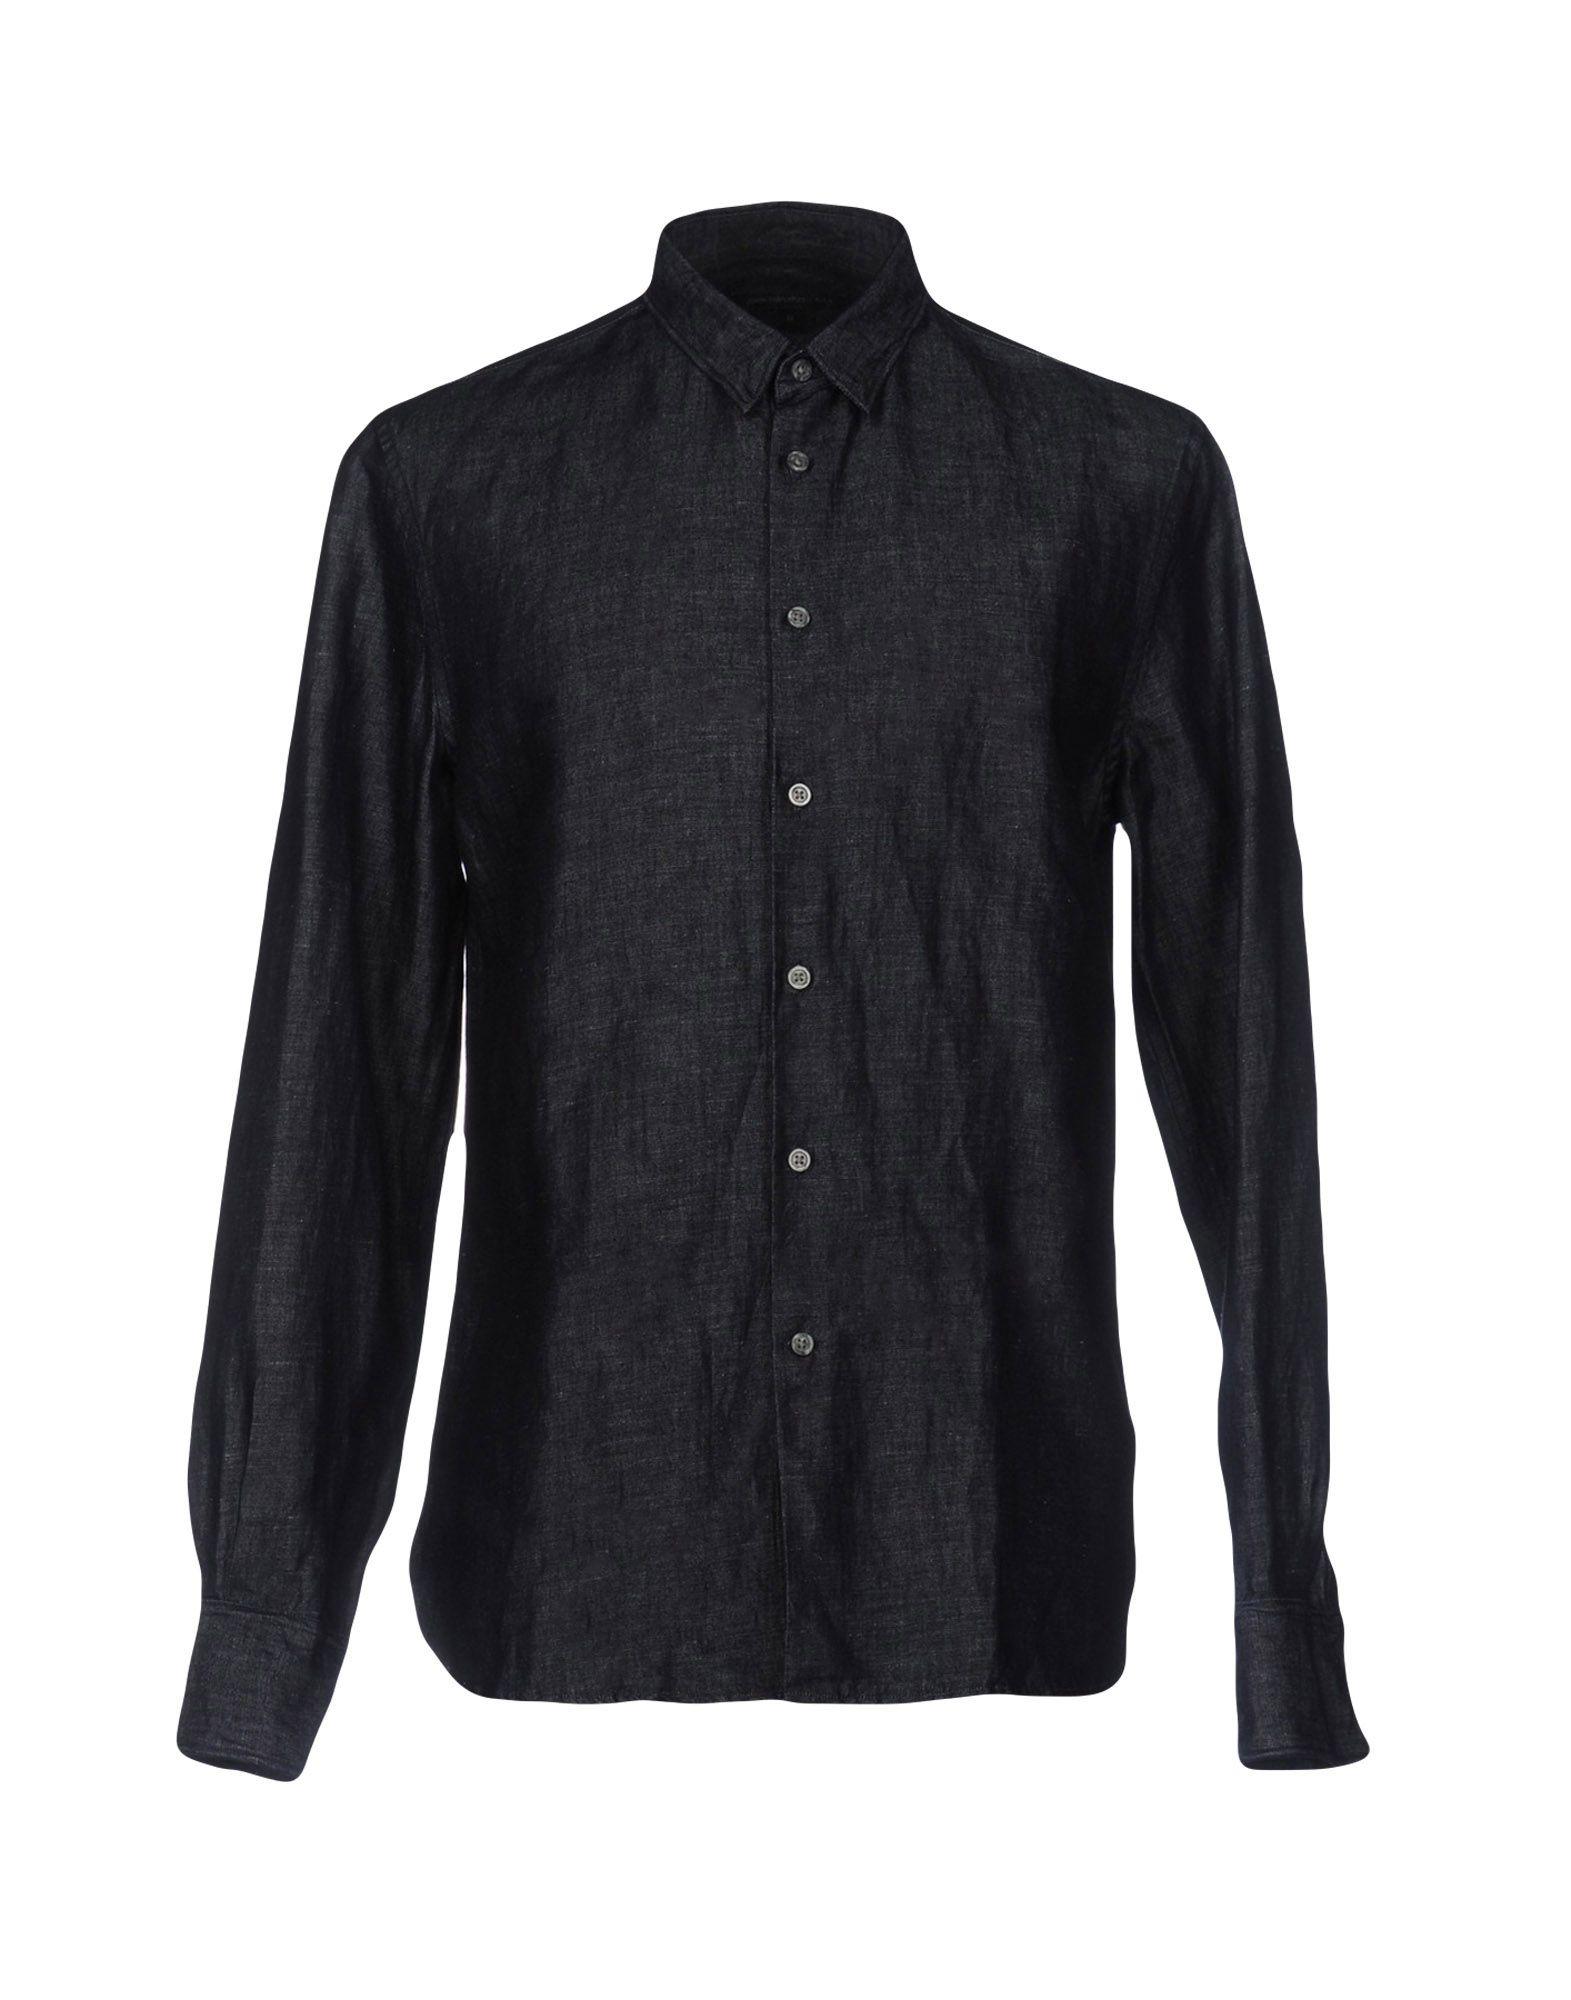 JOHN VARVATOS ★ U.S.A. Джинсовая рубашка john varvatos ★ u s a пиджак